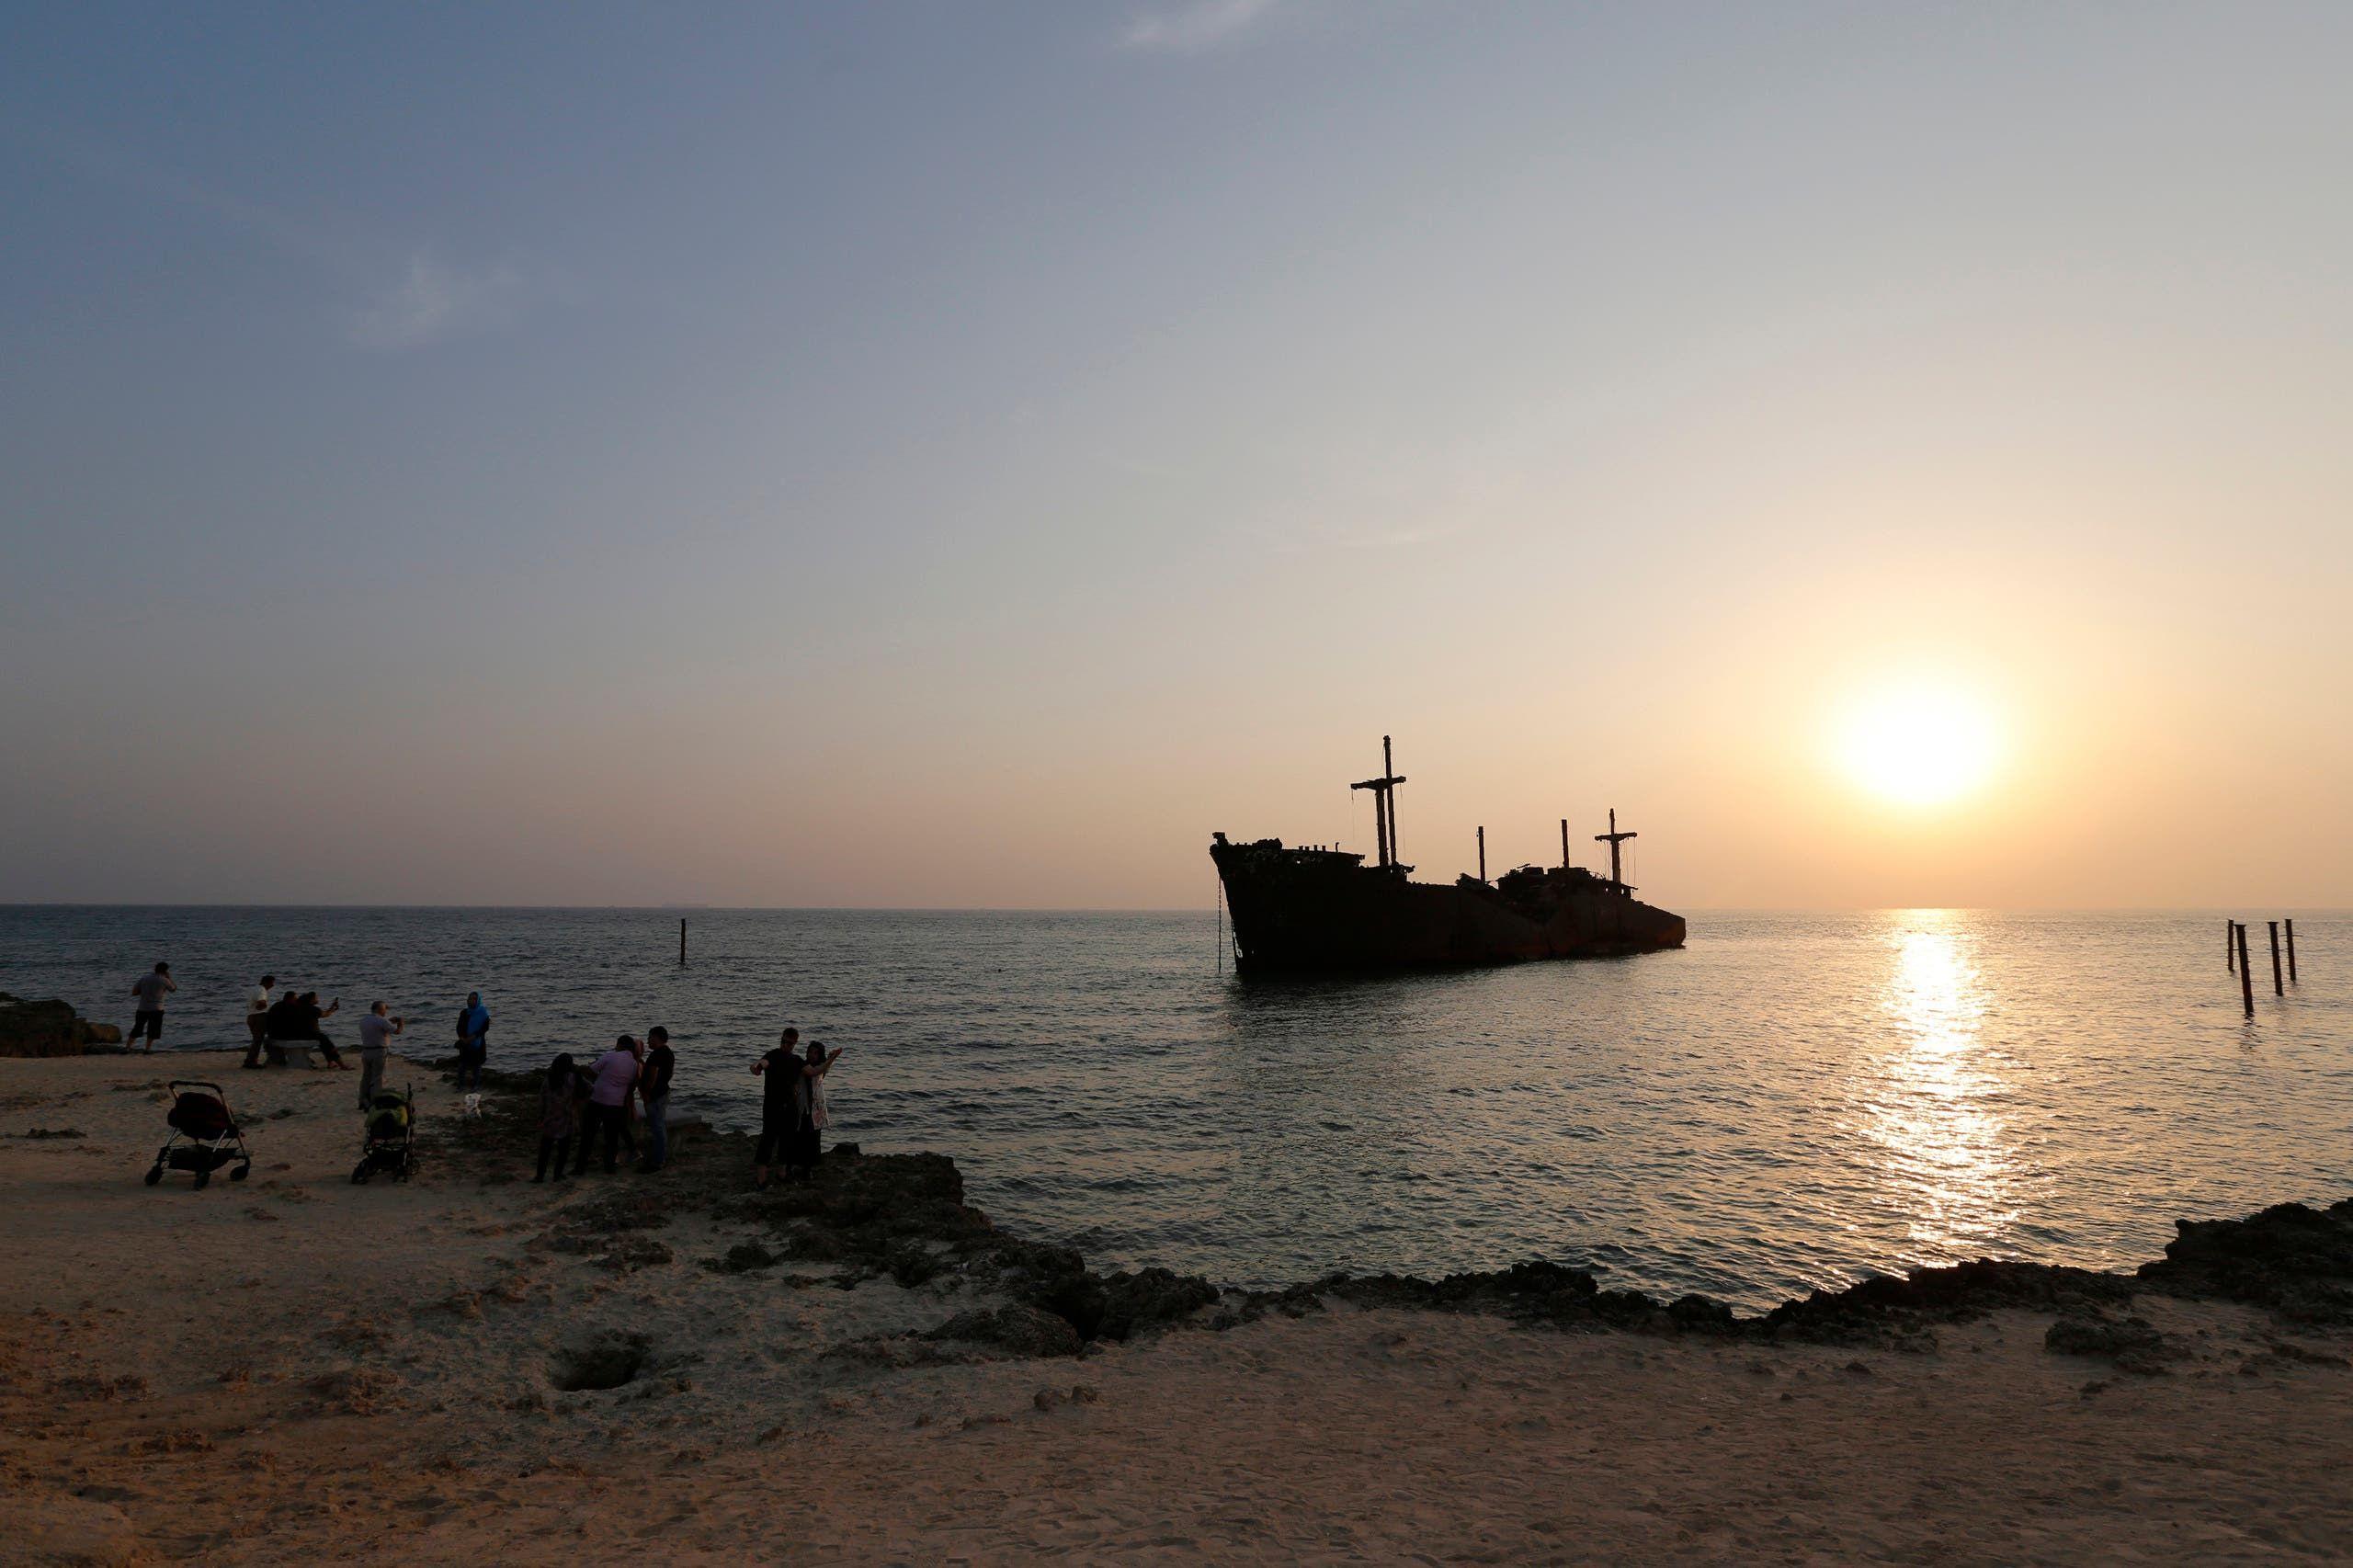 من جزيرة كيش في الخليج العربي